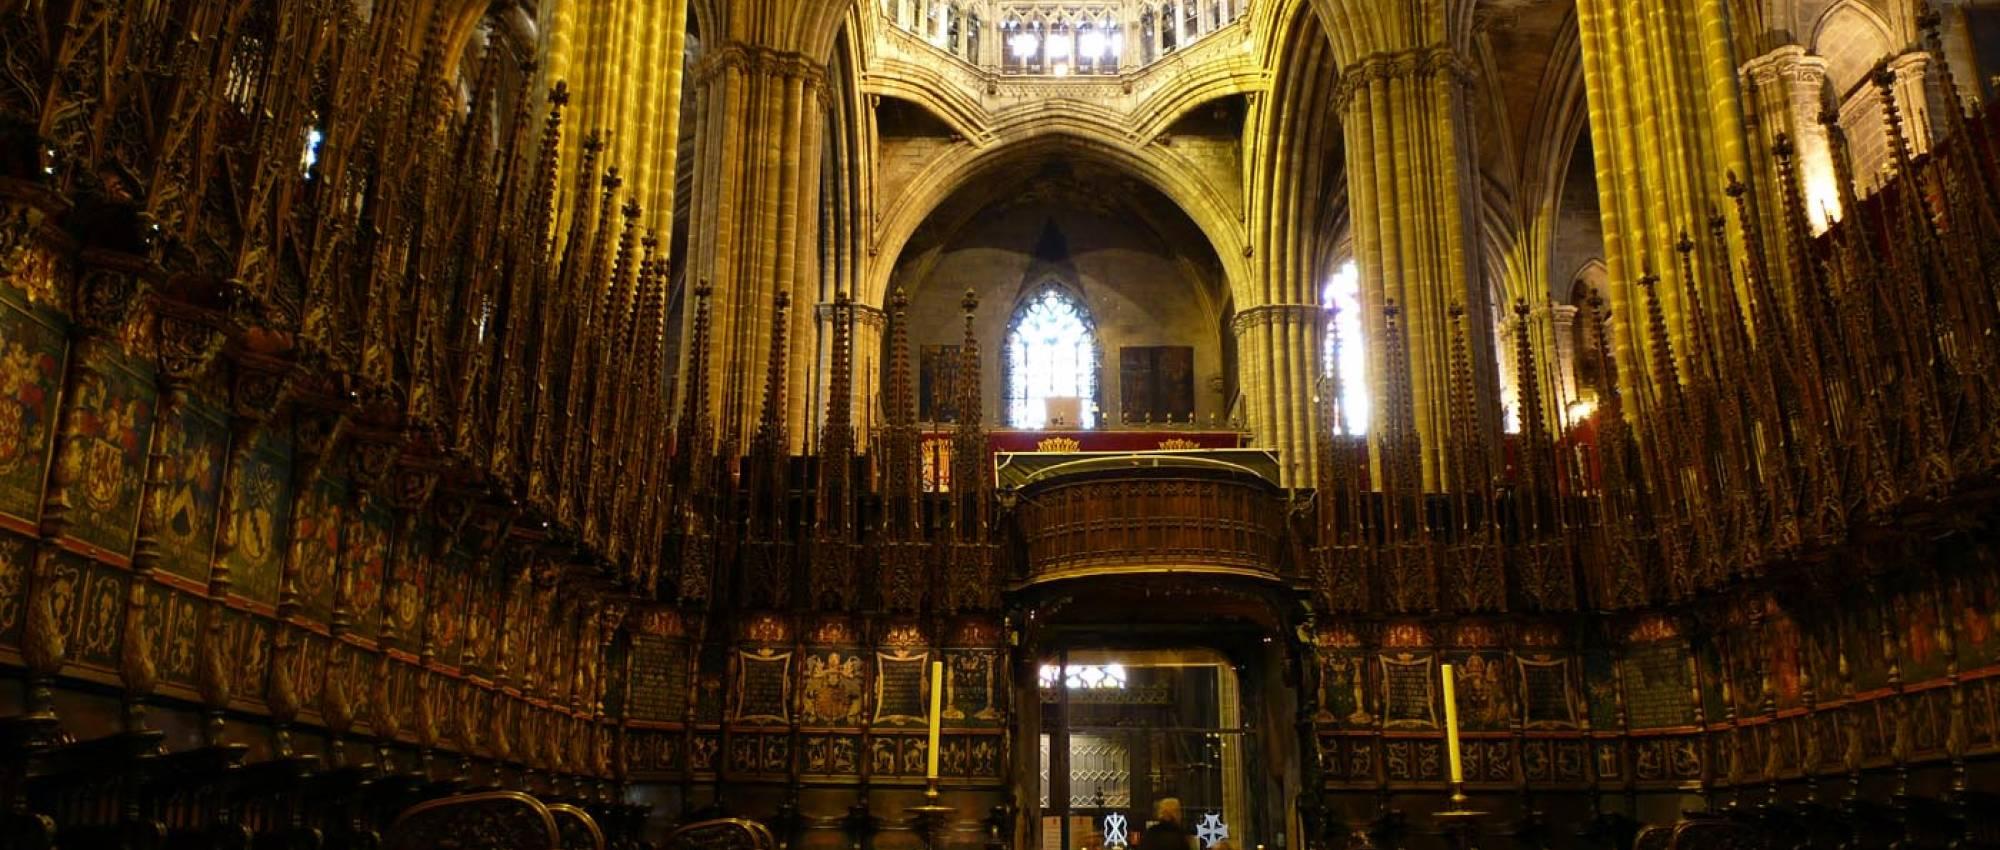 Catedral de la santa creu i santa eul lia de barcelona for Catedral de barcelona interior